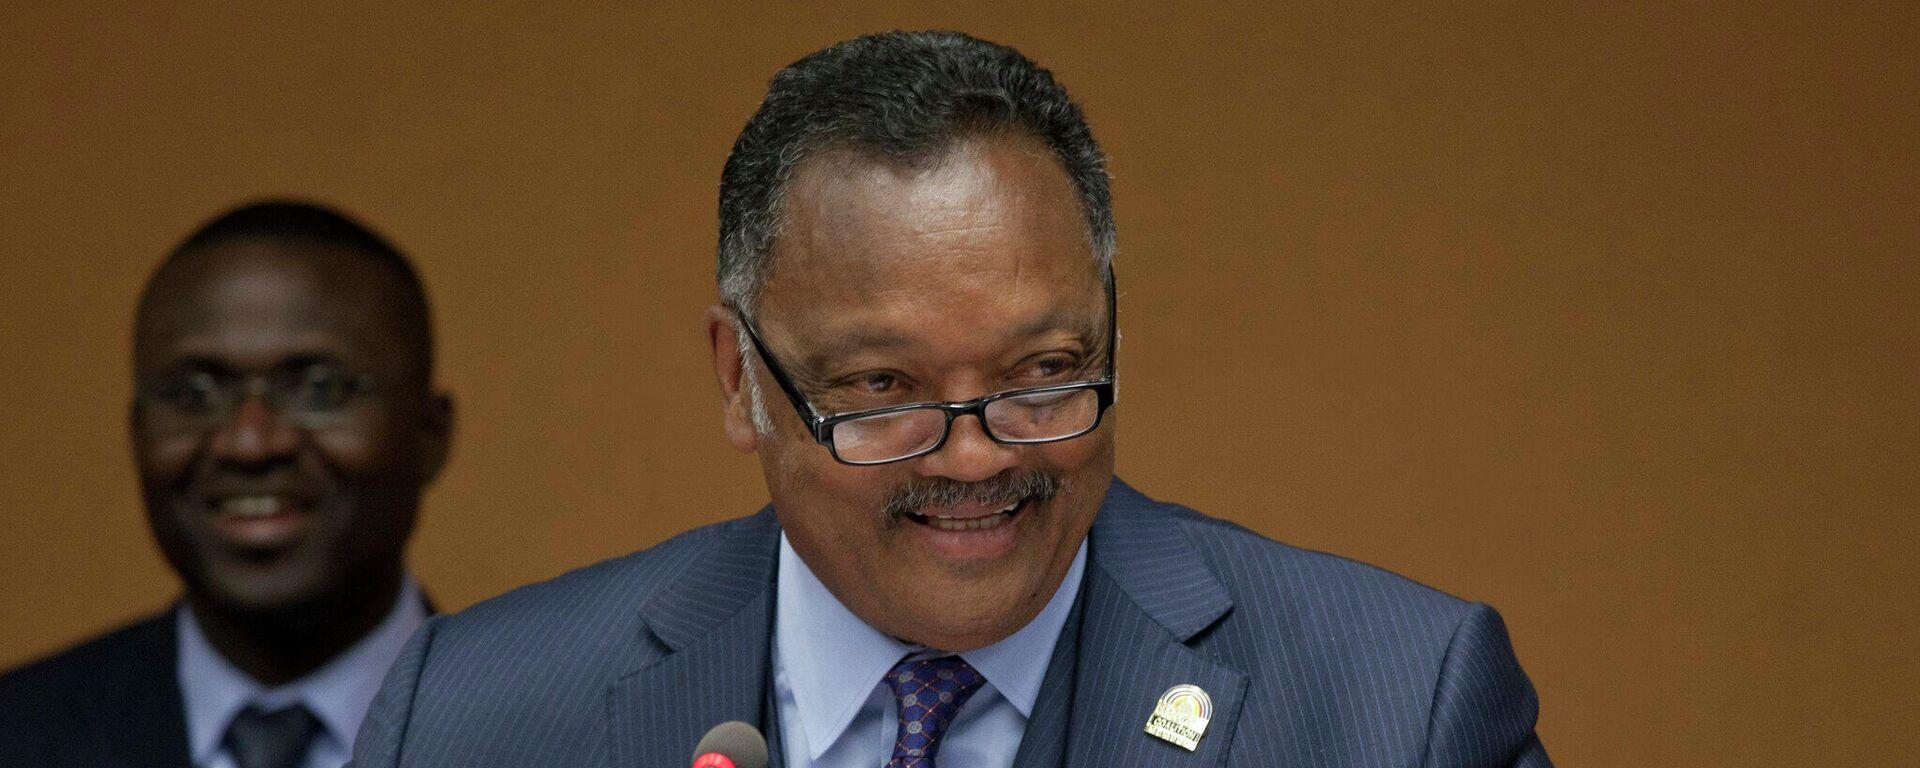 Reverendo Jesse Jackson parla alle Nazioni Unite, 21 marzo 2012 - Sputnik Italia, 1920, 22.08.2021